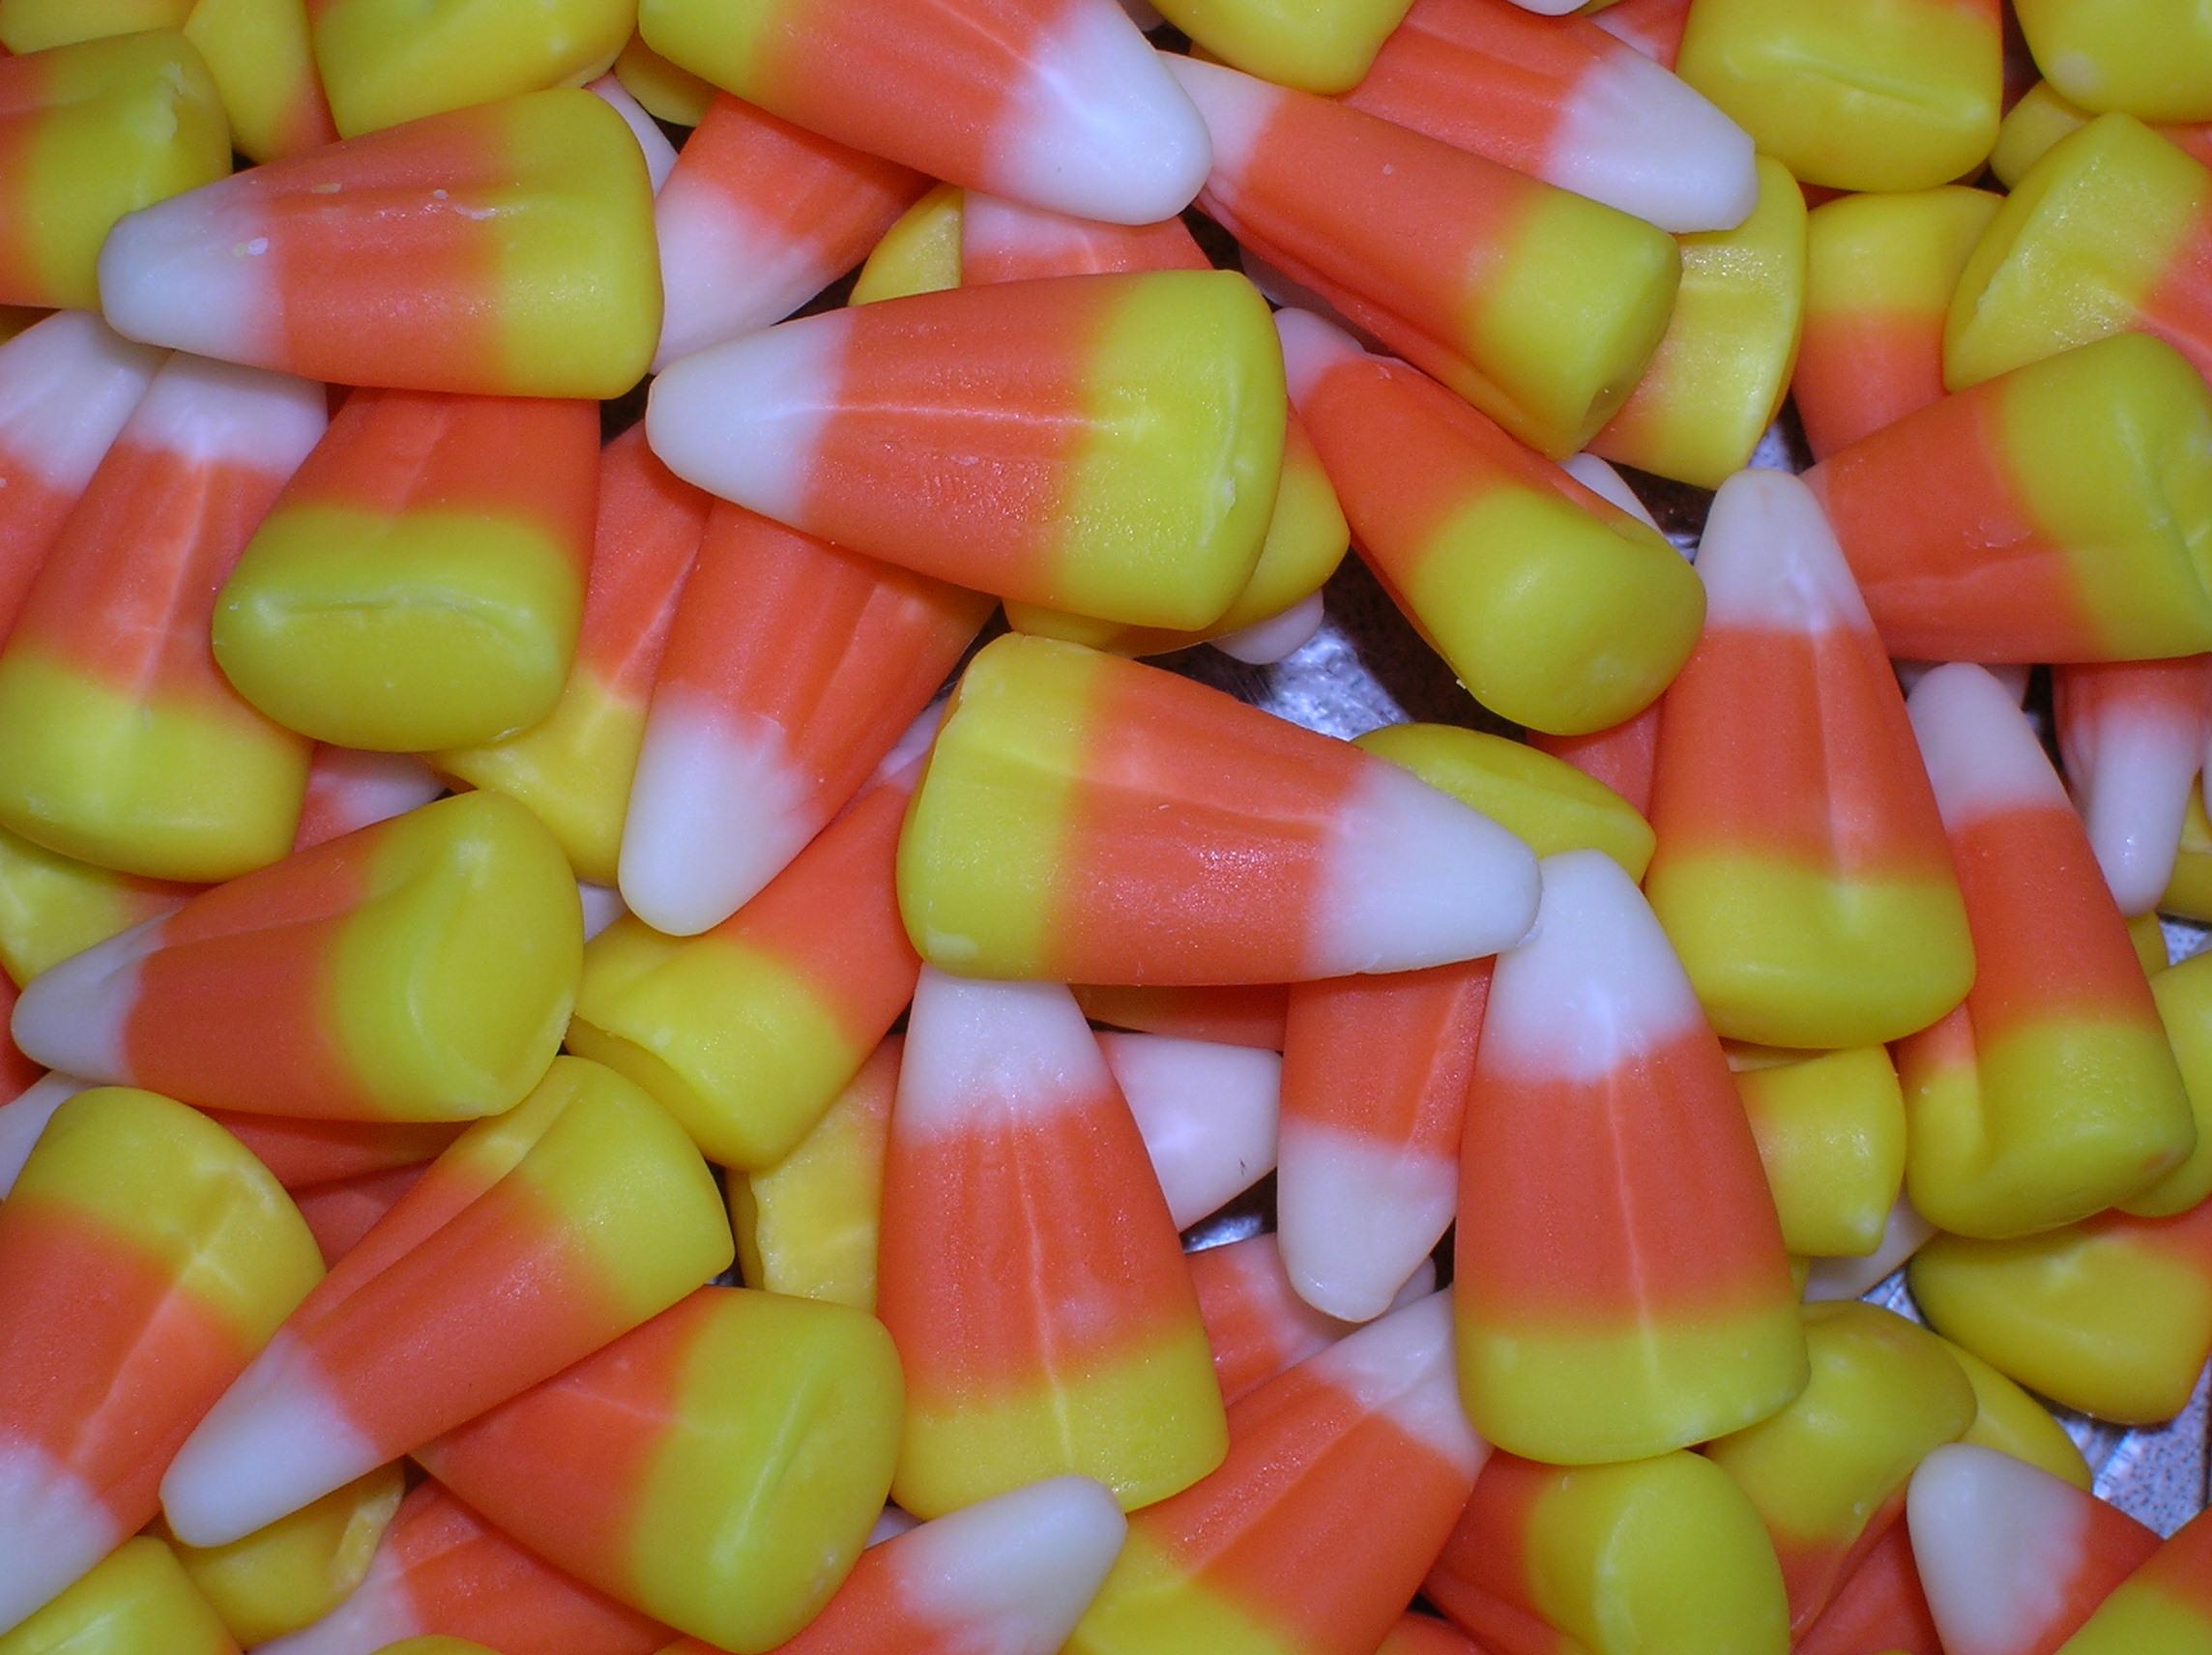 Regular Candy Corn File:bulk Candy Corn